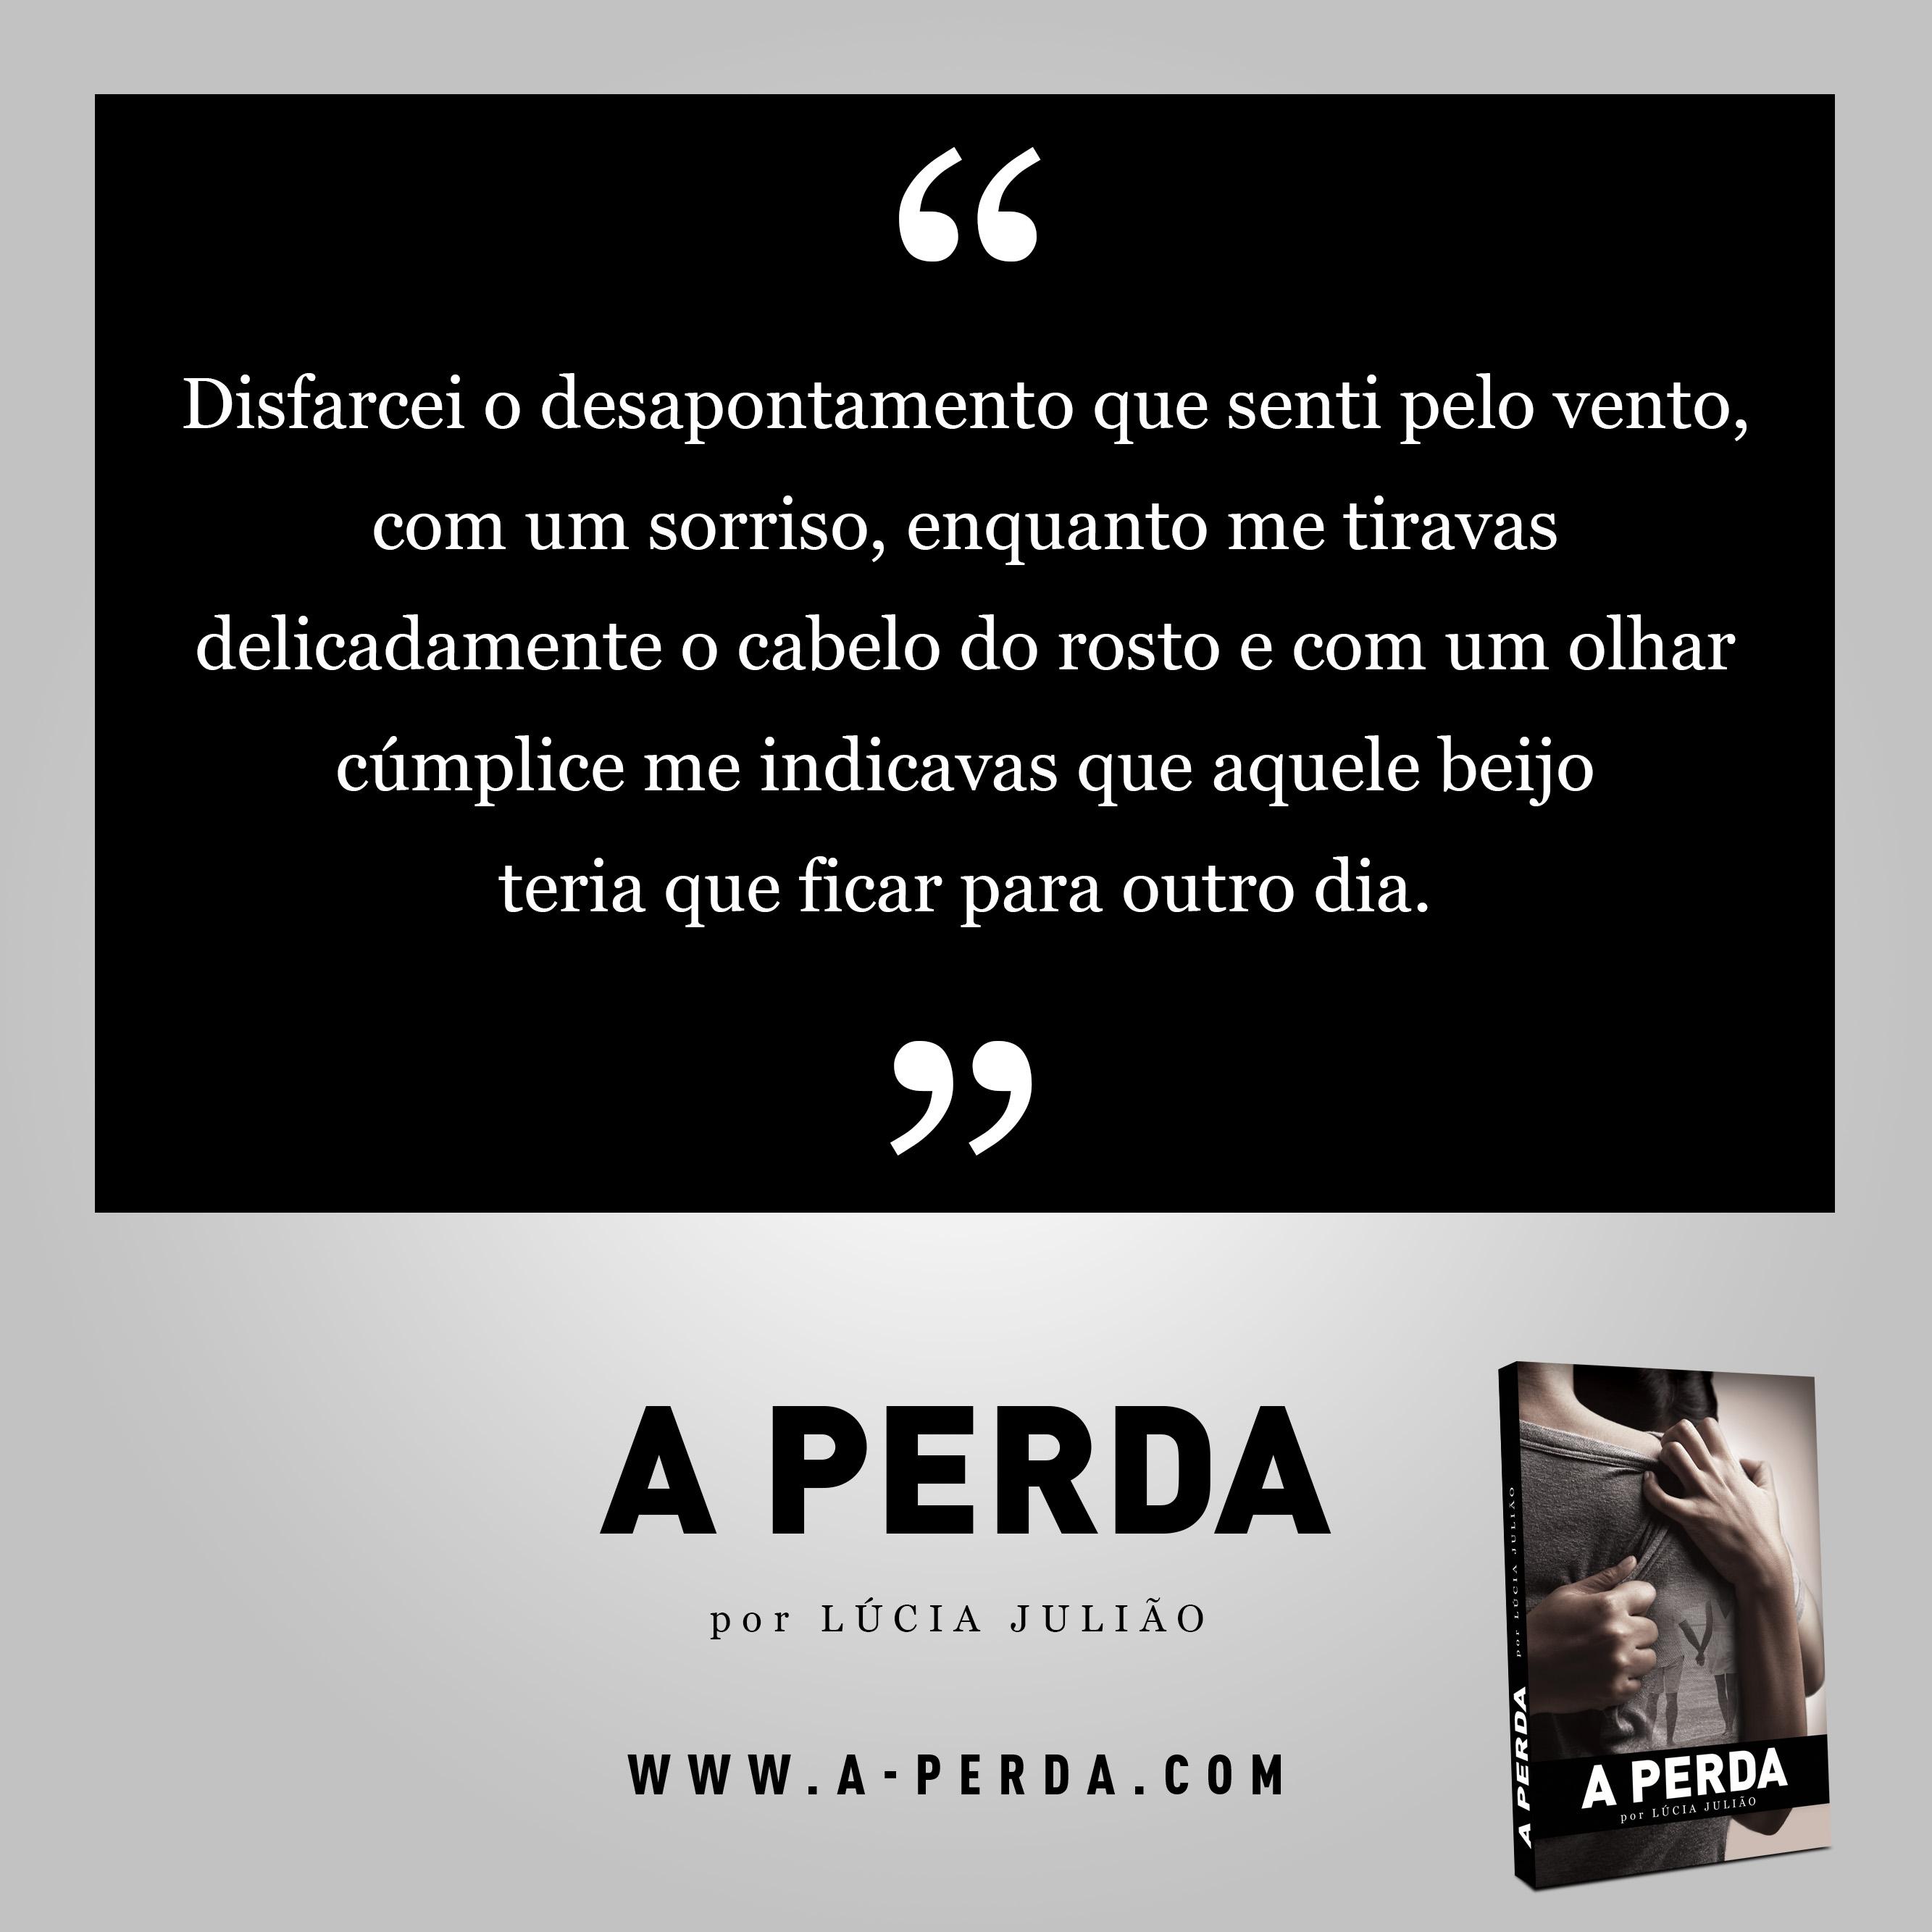 001-O-beijo-livro-a-Perda-de-Lucia-Juliao-instagram